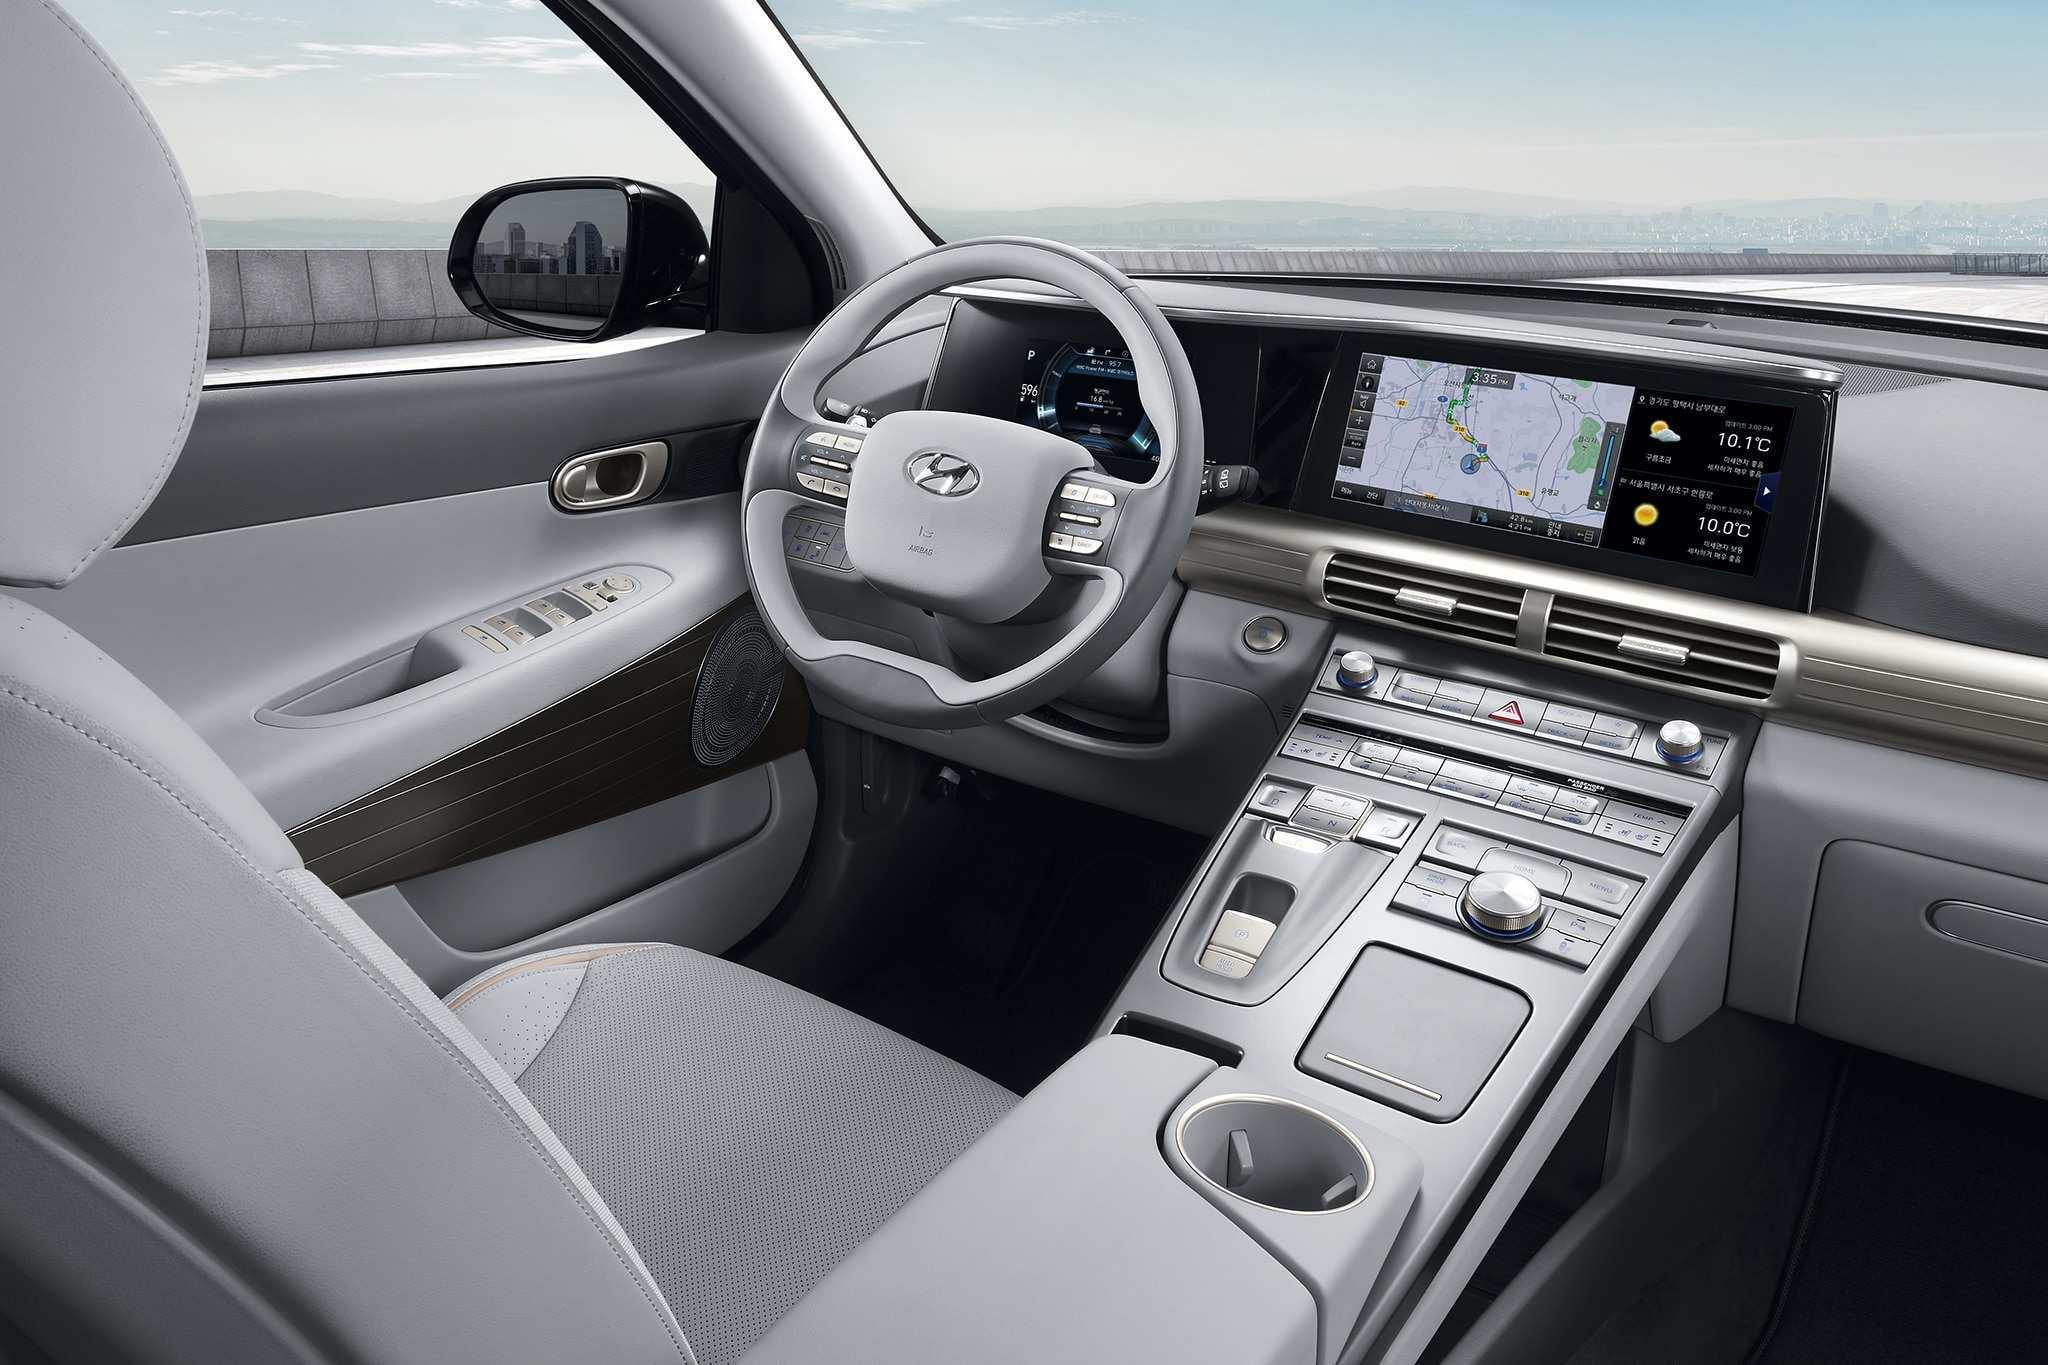 96 Great 2019 Hyundai Nexo Interior Model with 2019 Hyundai Nexo Interior